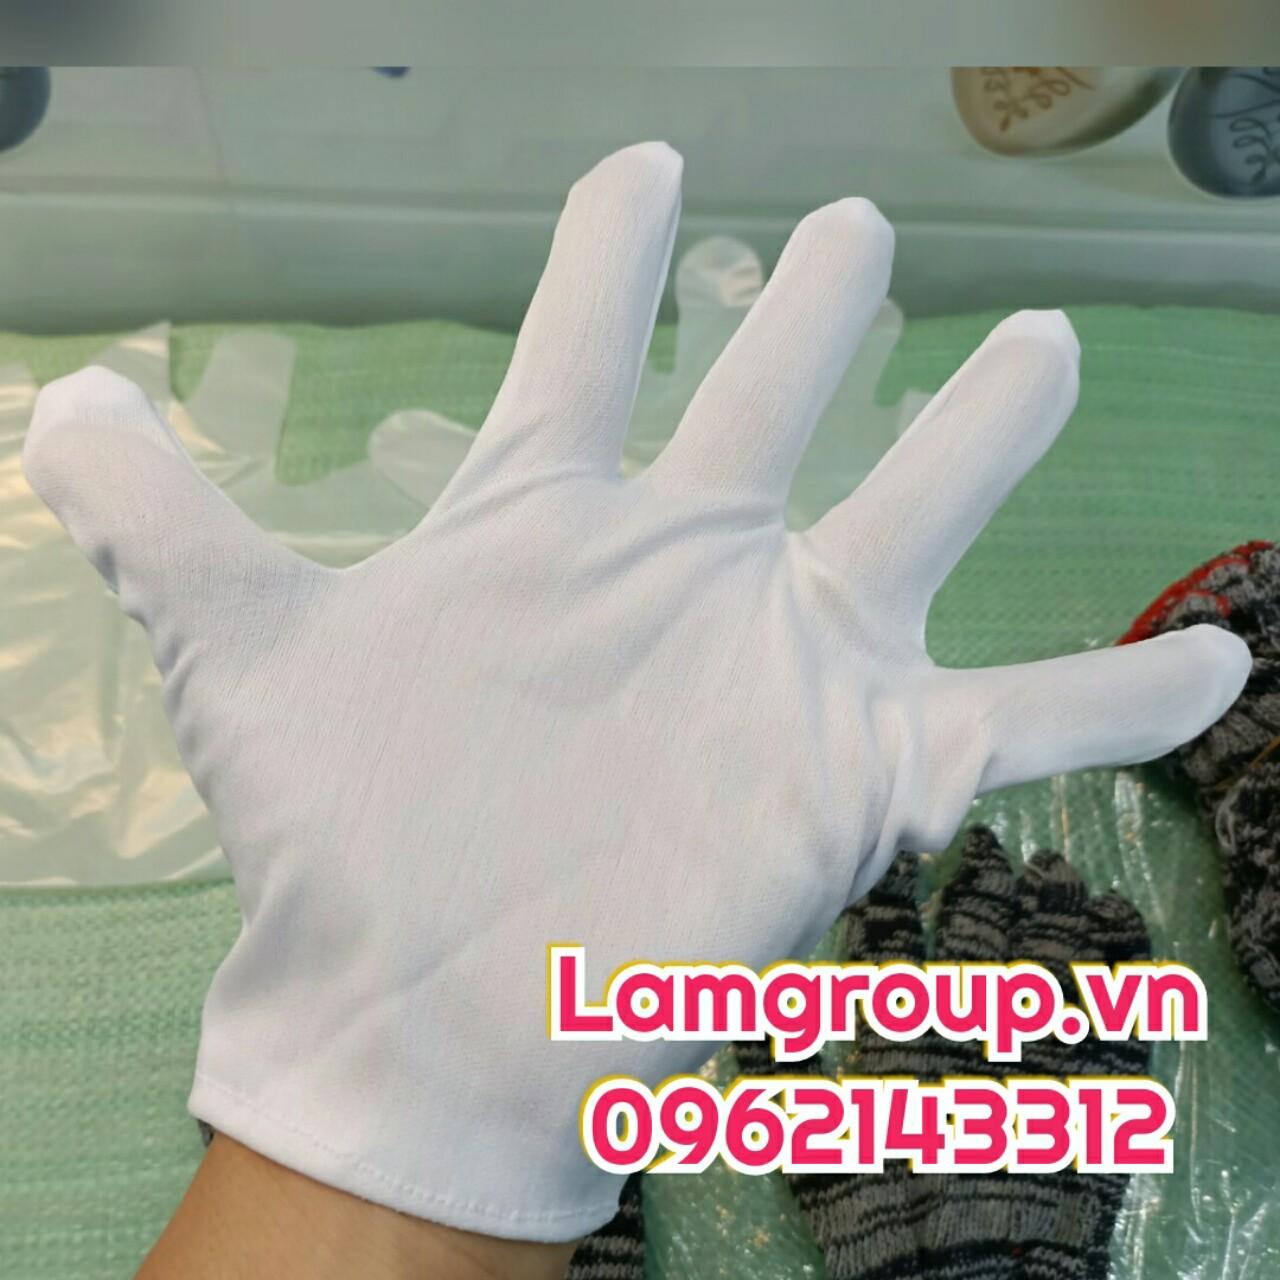 Thế giới găng tay sỉ vải trắng y tế len nilon cao su Lamgroup.vn